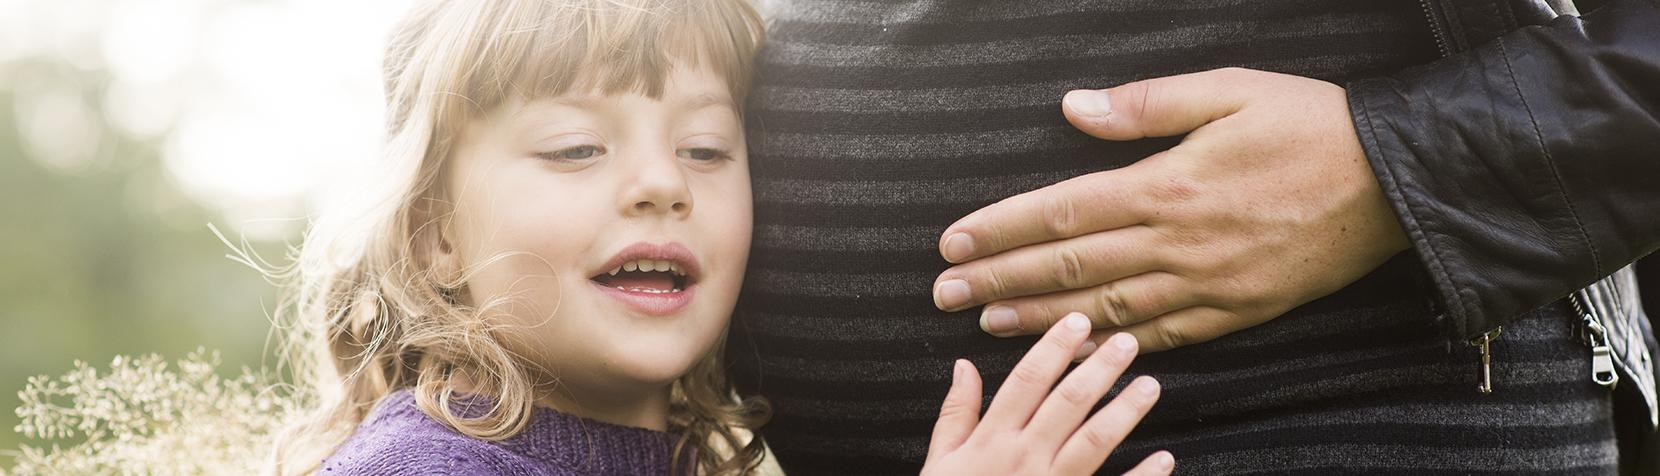 Sundhedstilbud til børn